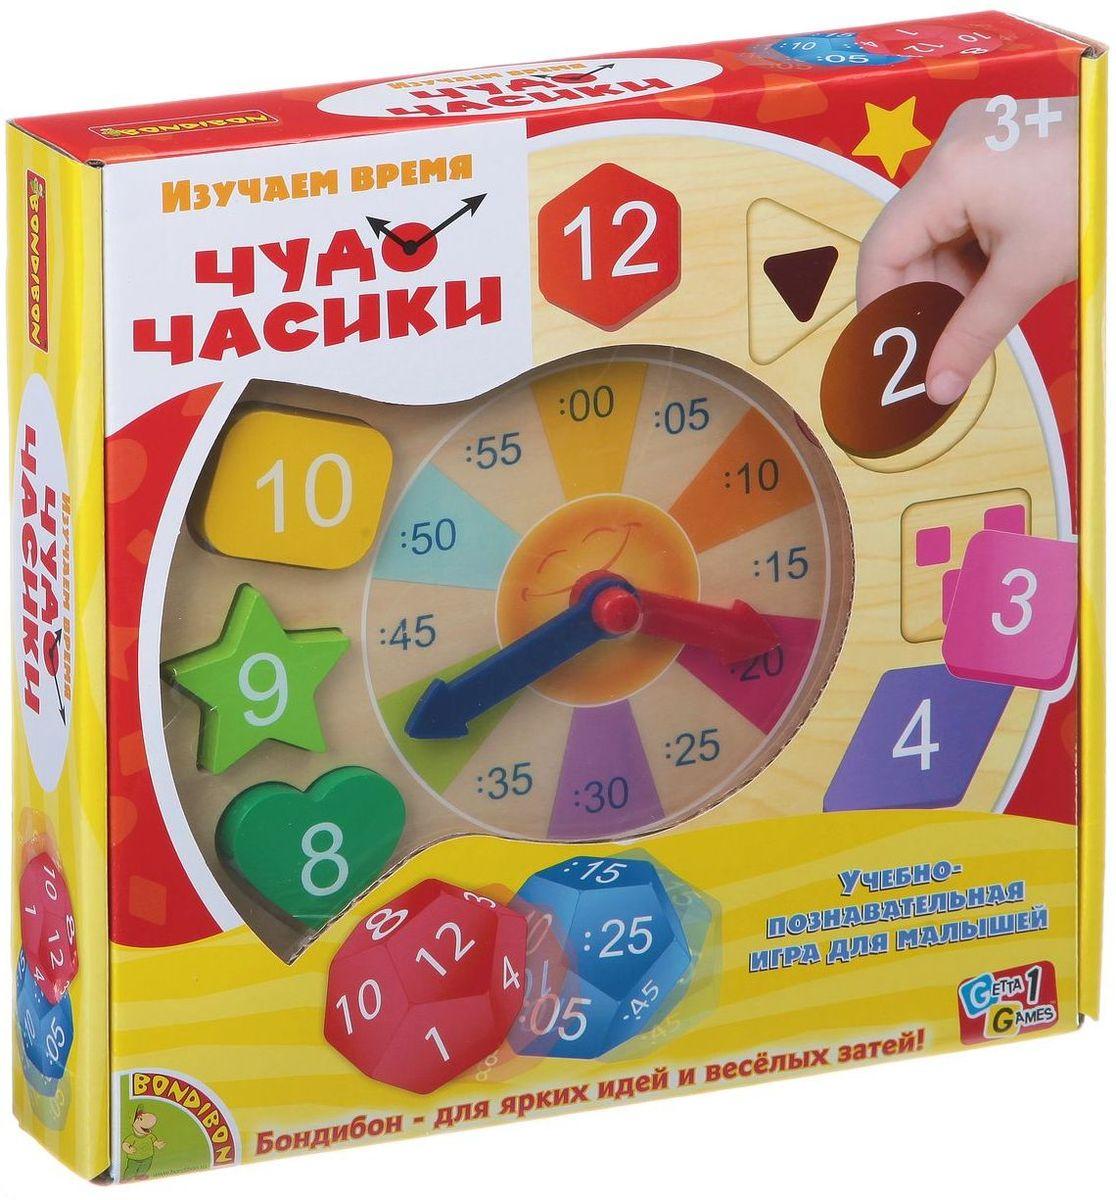 Bondibon Развивающая игра Чудо-часикиВВ1450Развивающая игра Чудо-часики является научно-познавательной, и поможет вашему ребенку научиться определять время по часам, распознавать цвета и формы. Увлекательная головоломка имеет три уровня задач, в процессе решения которых ребята и смогут разобраться, что же такое часы и время. Первая задача состоит в том, чтобы ребенок вложил детали с цифрами часов в правильном порядке. Вторая – в том, чтобы ребенок вложил детали с цифрами минут в правильном порядке. А третья задача предназначена, чтобы научить определять время. Это очень интересно и познавательно!